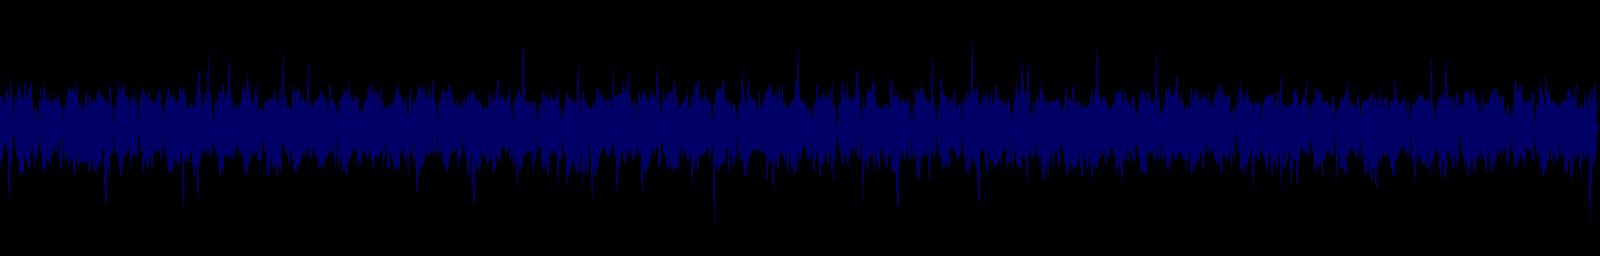 waveform of track #151633